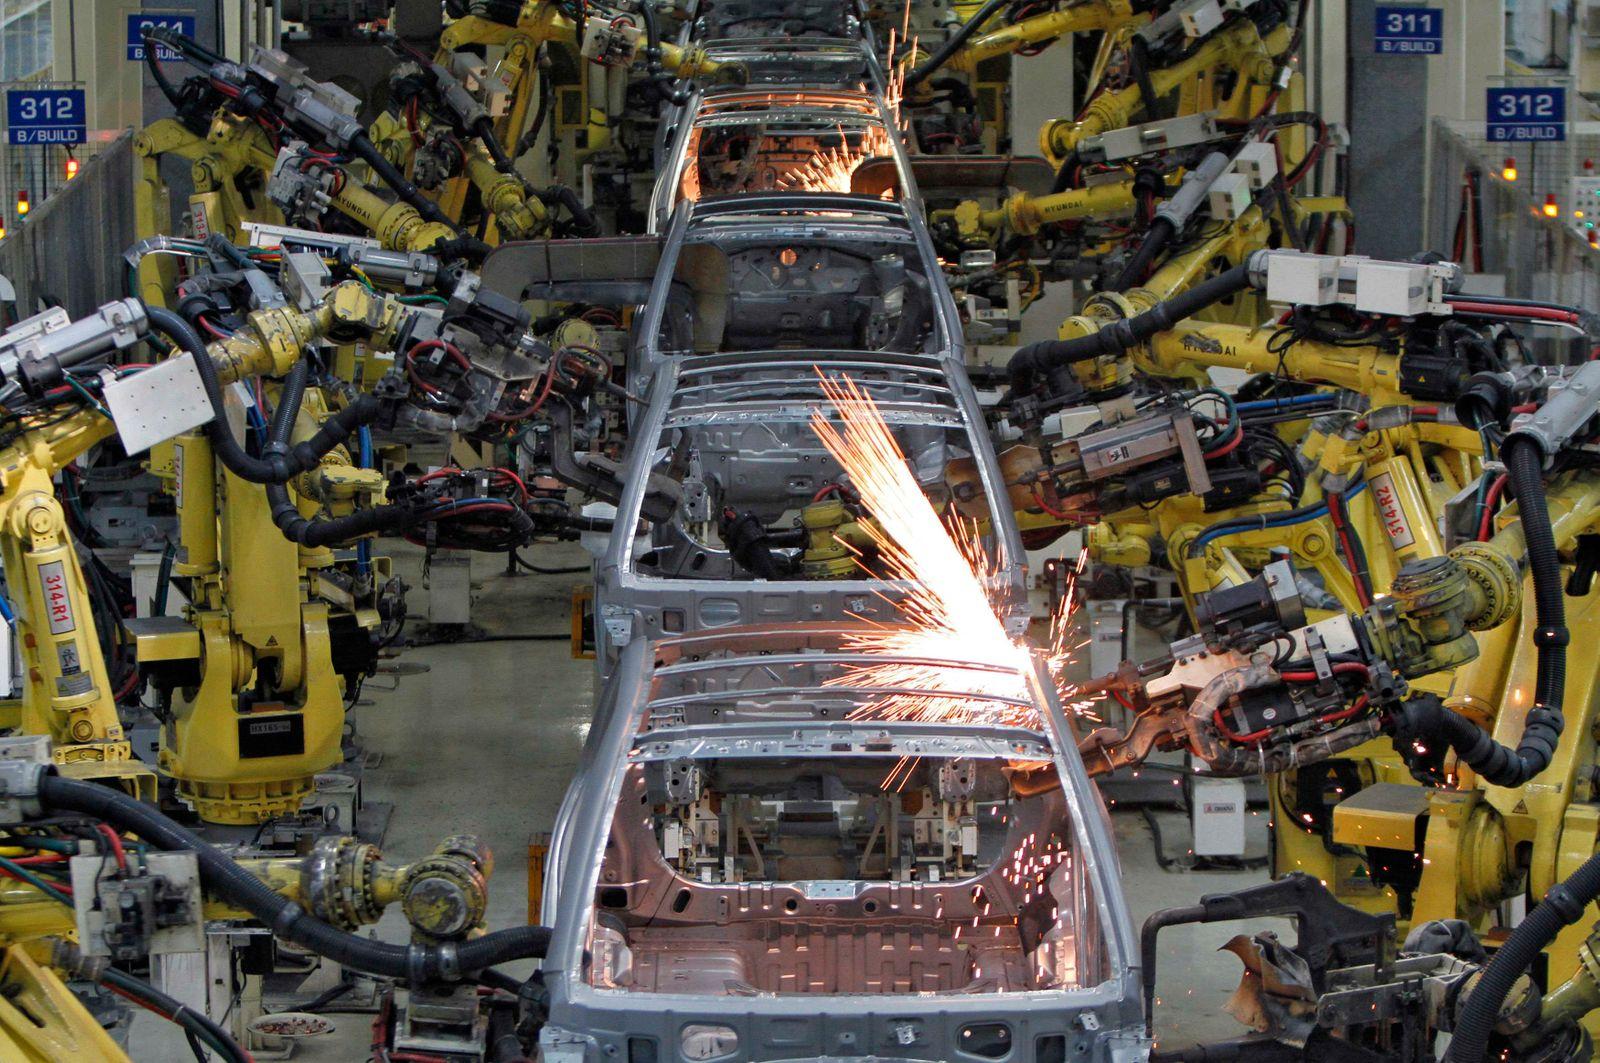 Hyundai / Produktion / Roboter